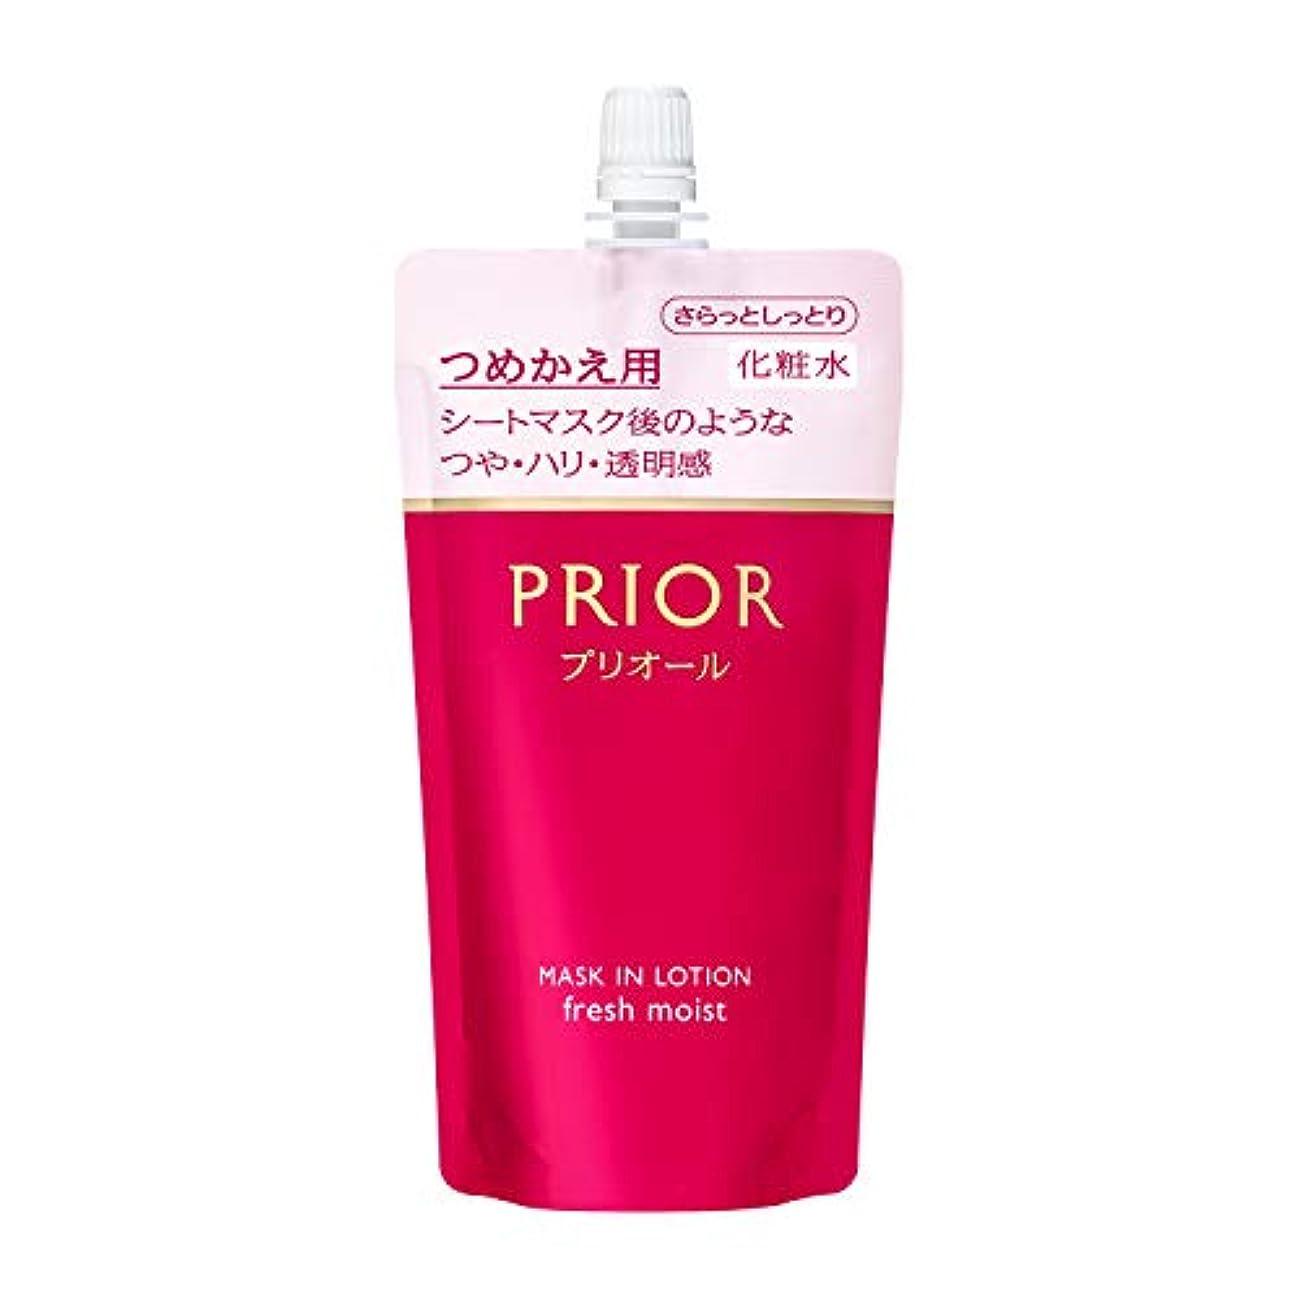 観客征服者立派なプリオール マスクイン化粧水 (さらっとしっとり) (つめかえ用) 140mL